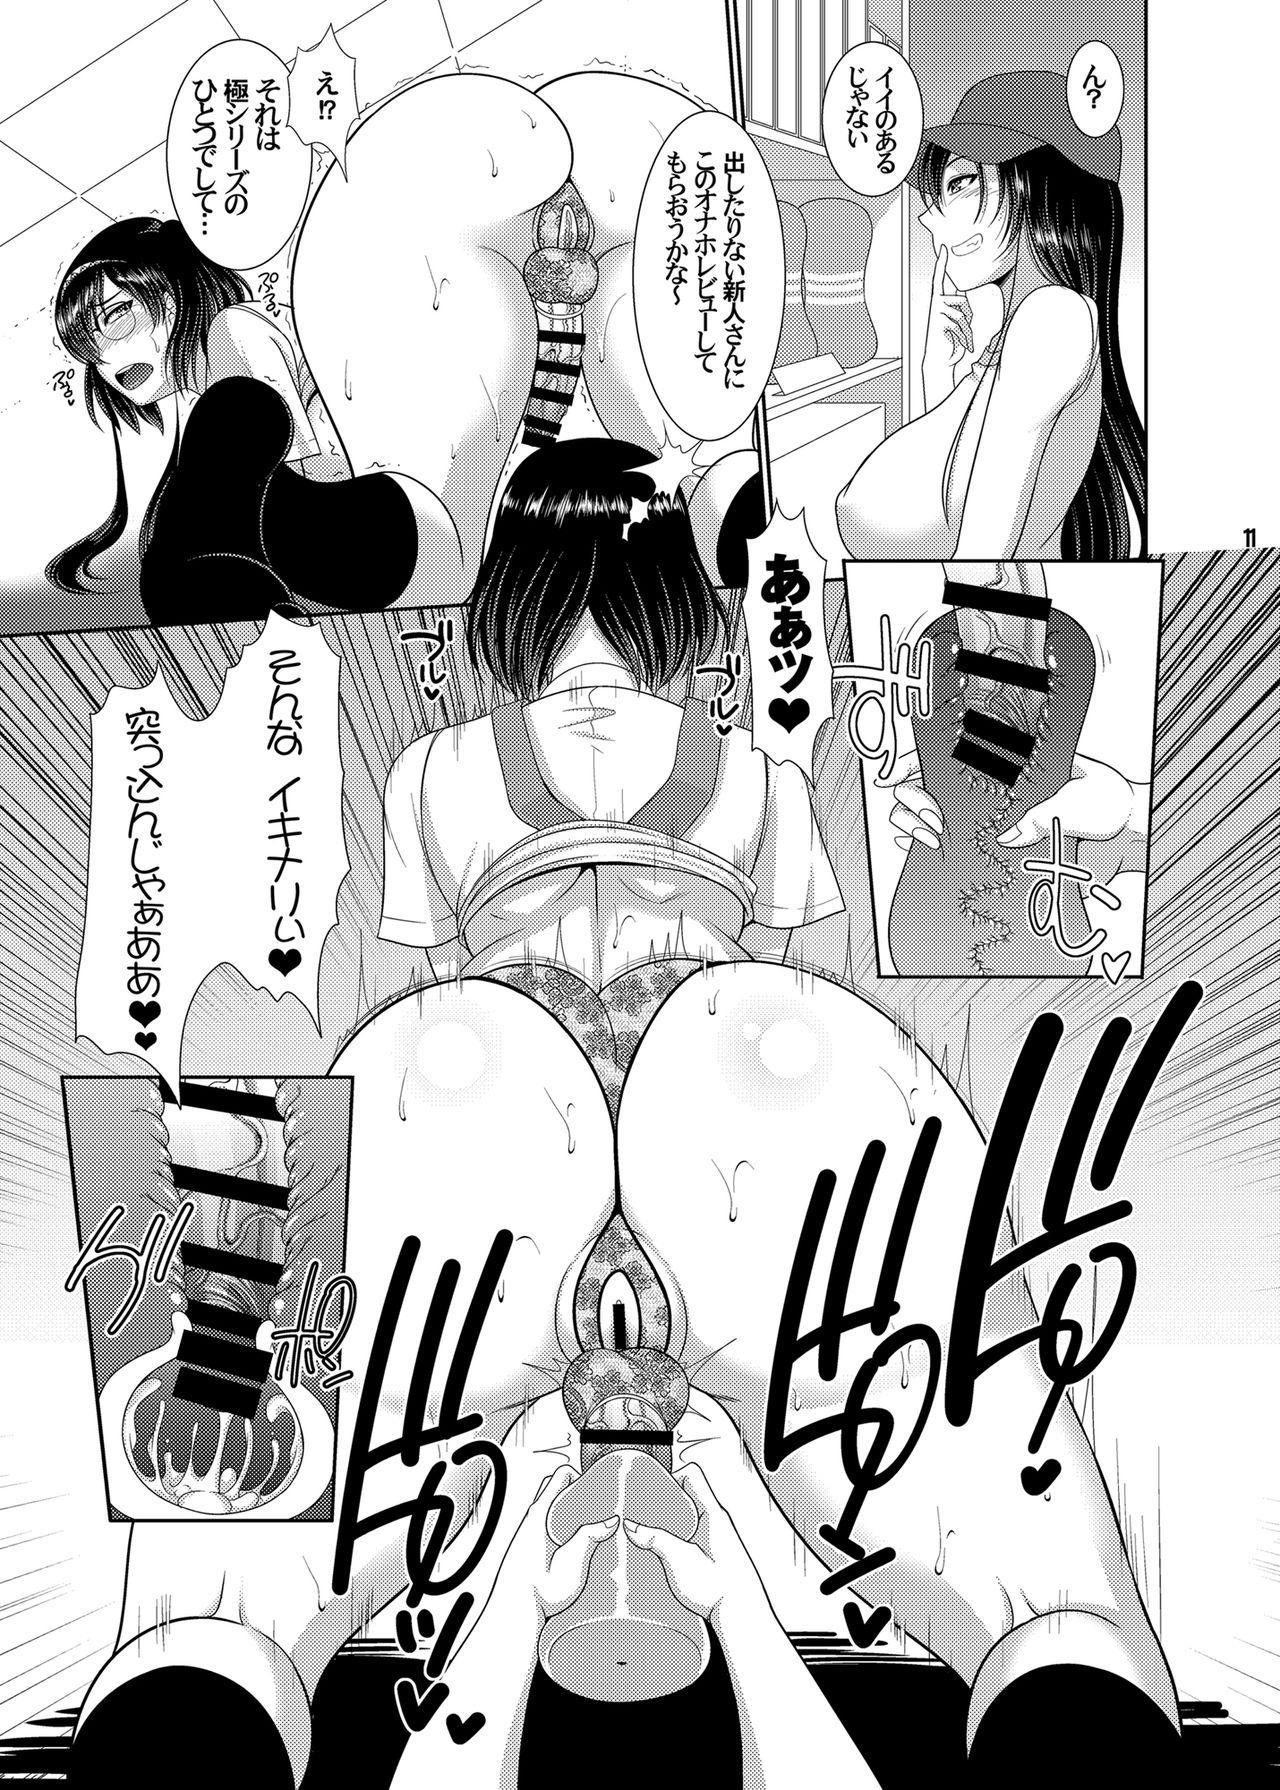 Futanari Adult Shop Tenin-san no Jitsuen Hanbai 9